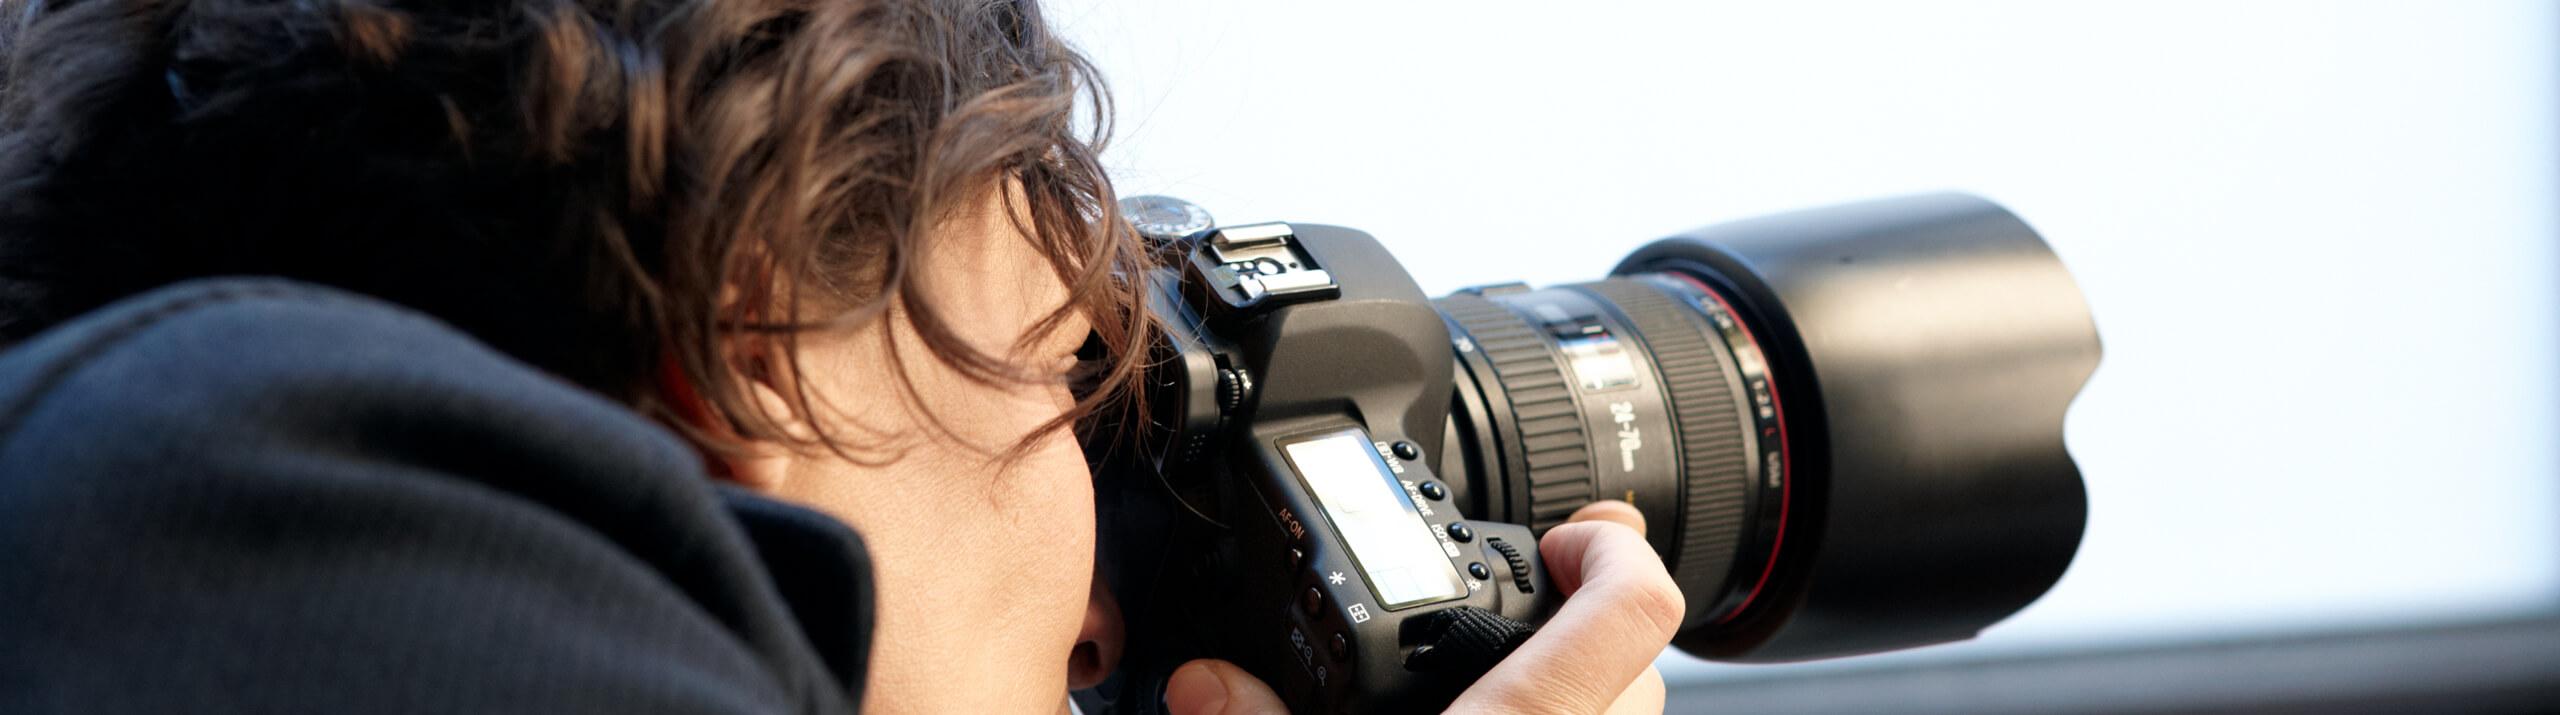 Initiative Vaircon - Versicherungen für Presseberufe - Fotografin